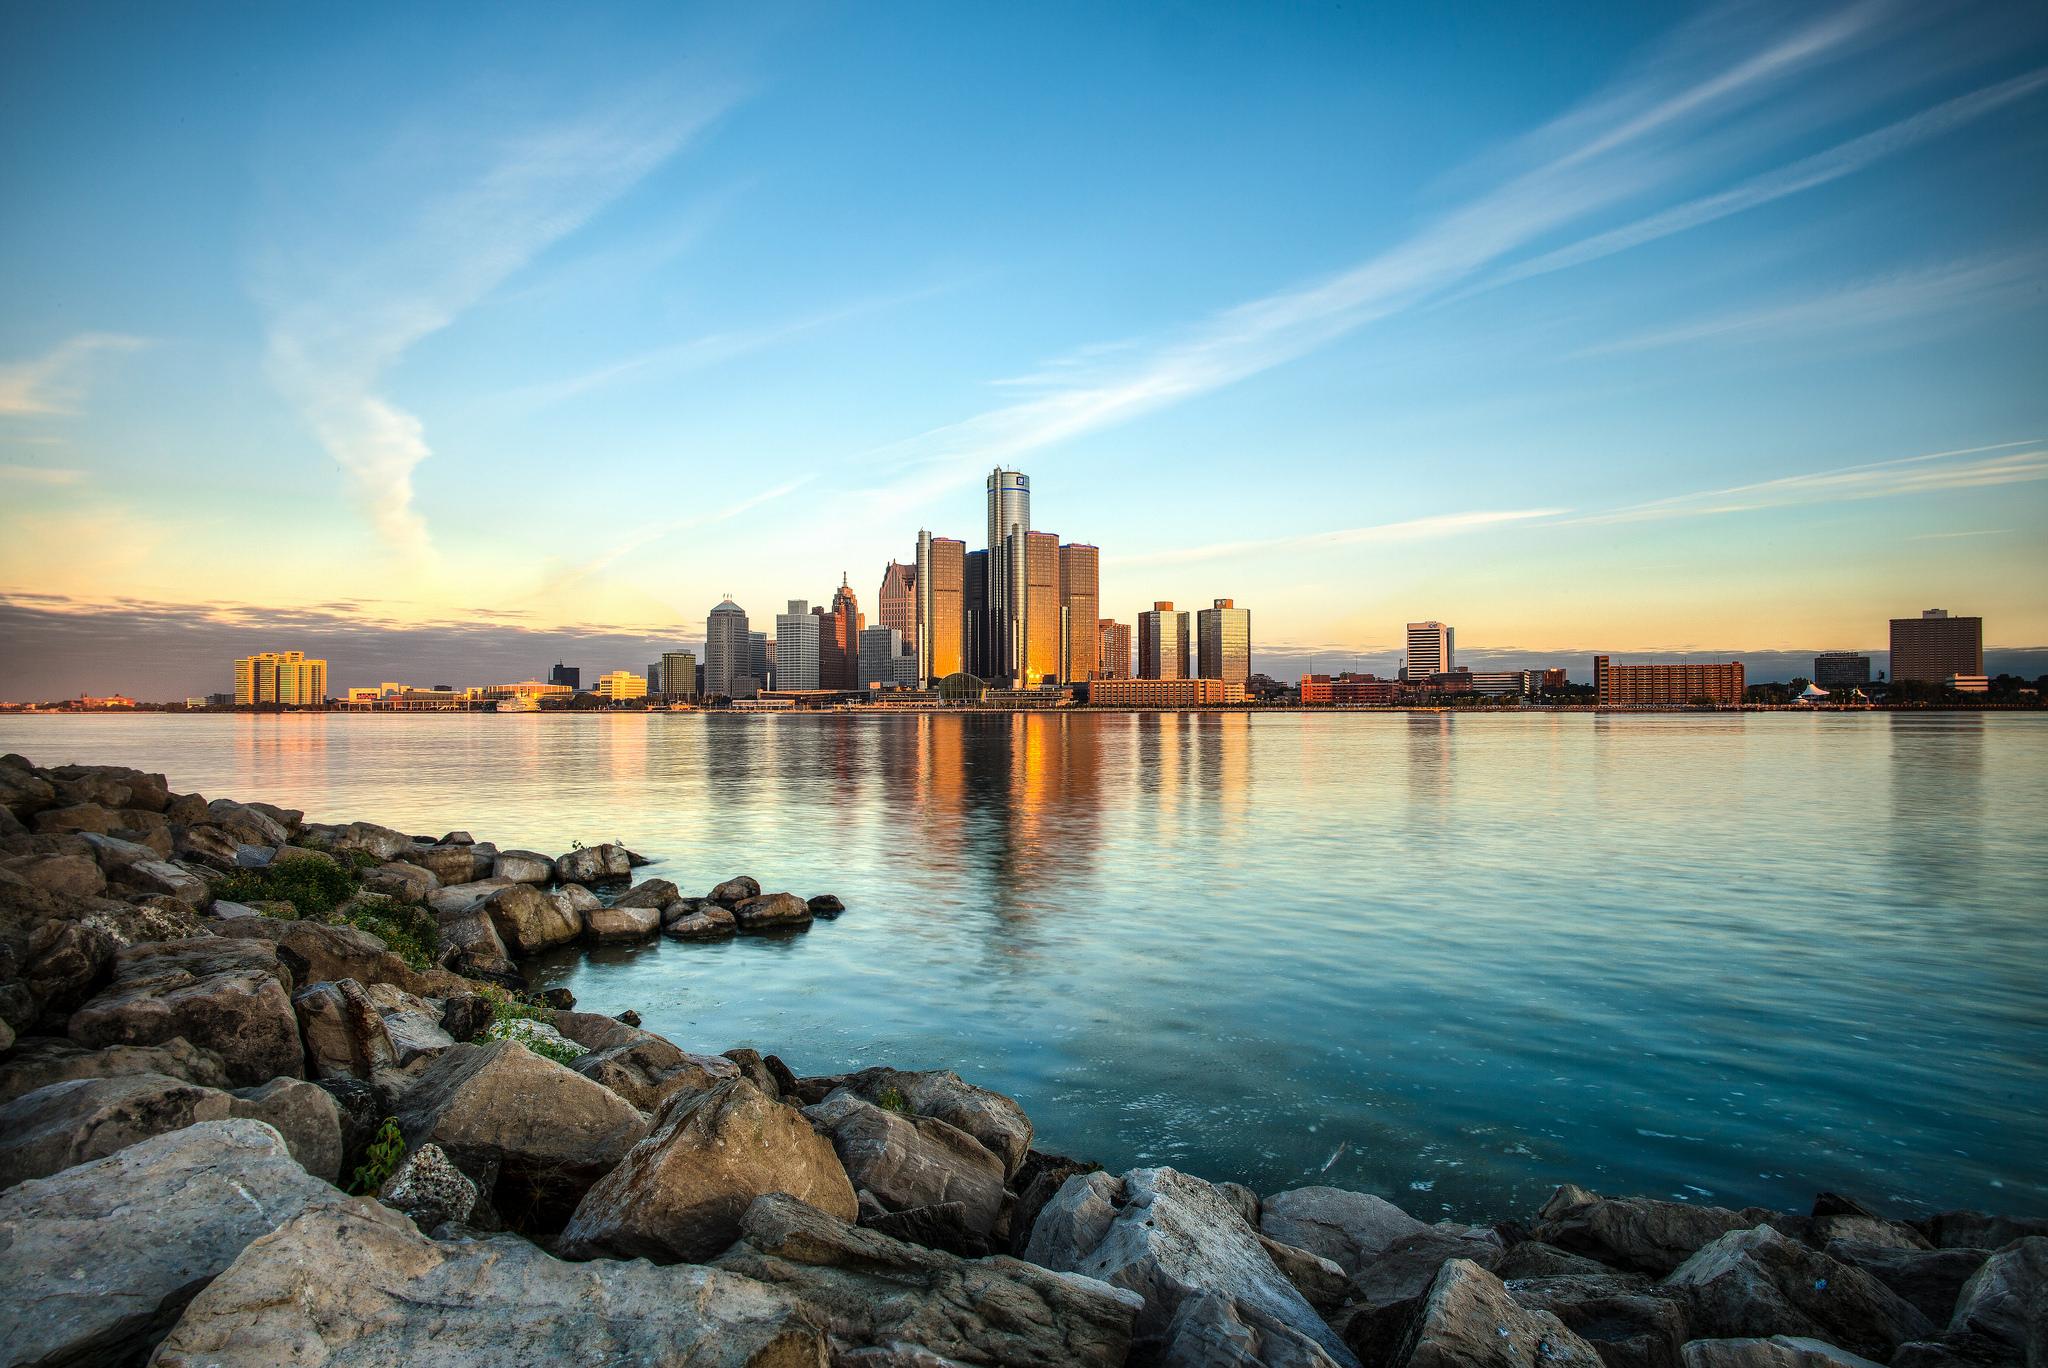 Amanecer en Detroit - 2048x1368